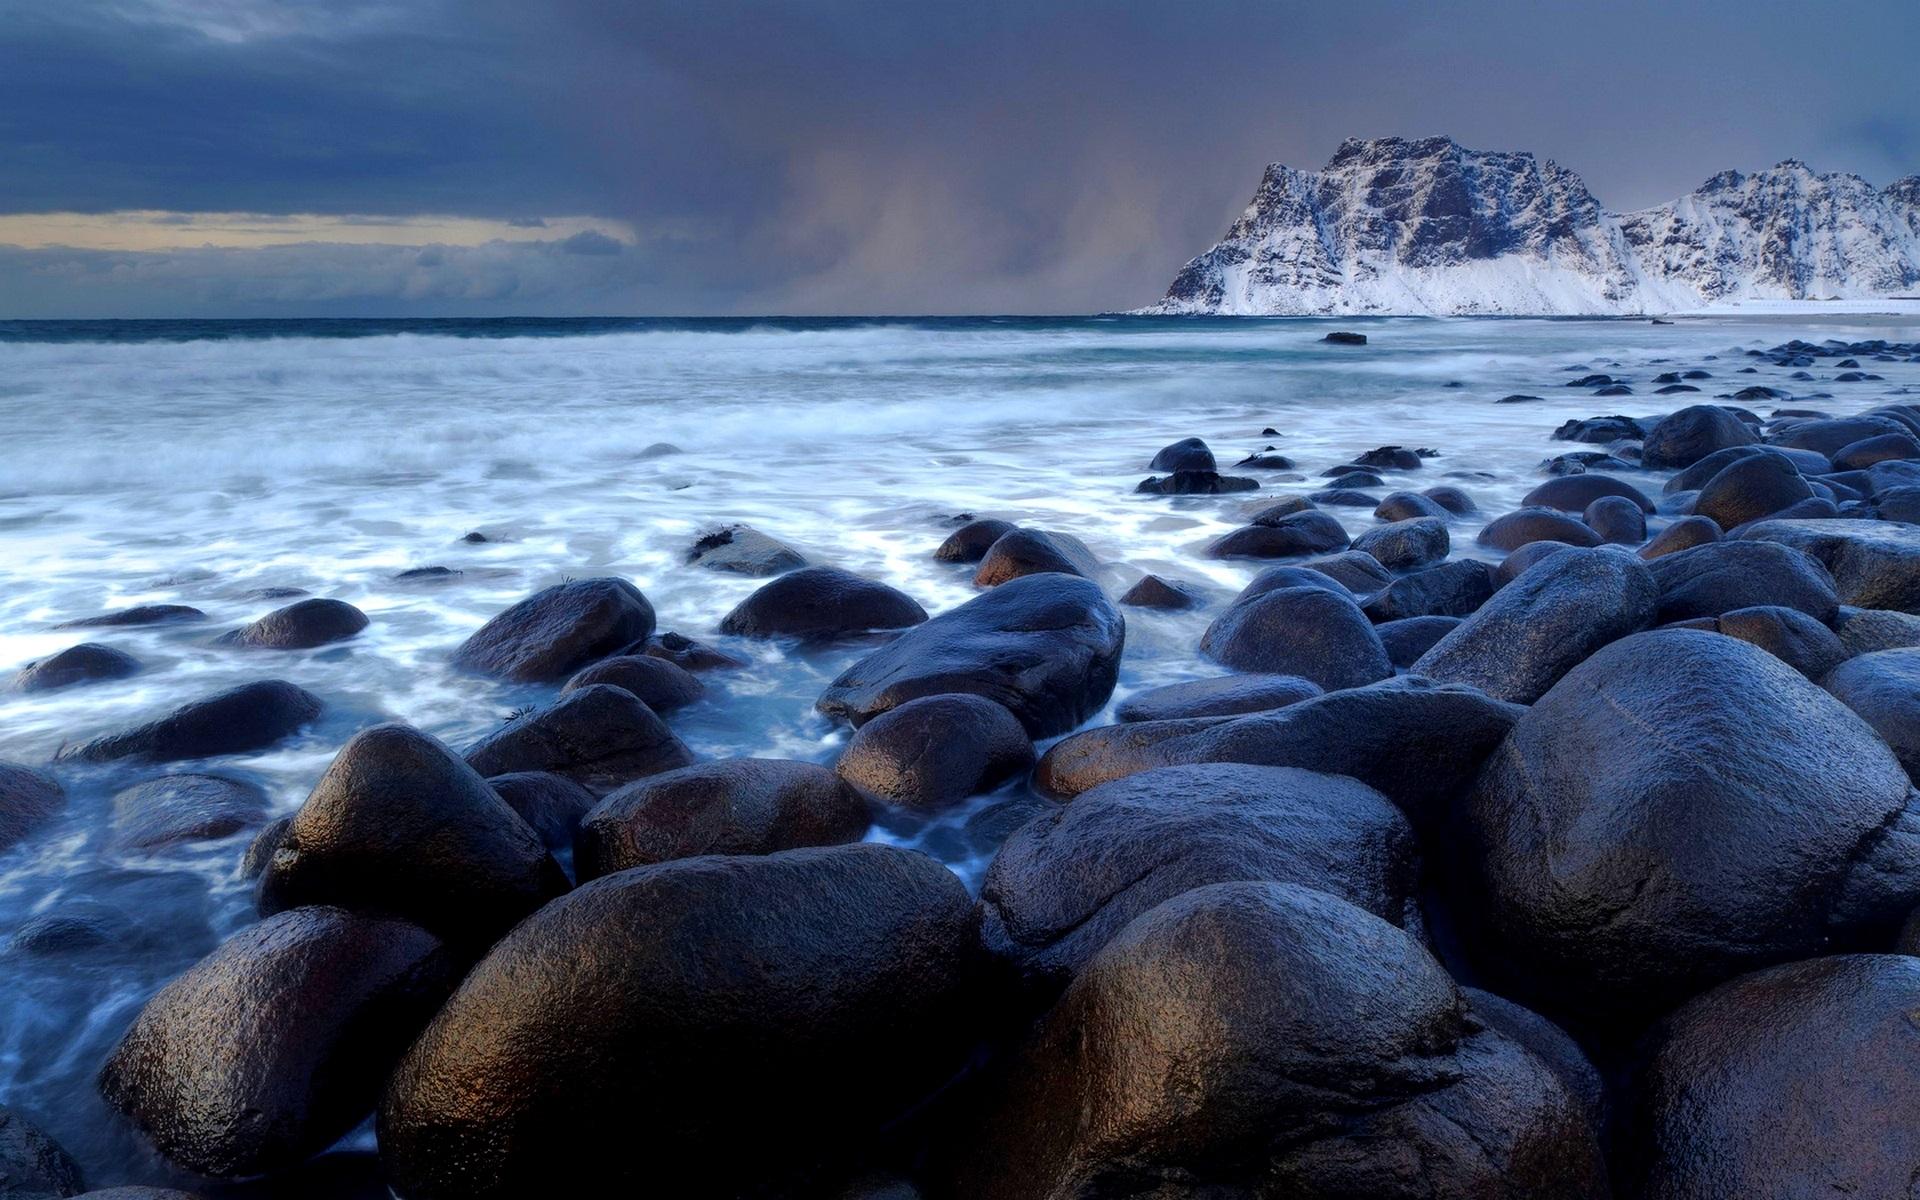 фото белых камней у воды мысли